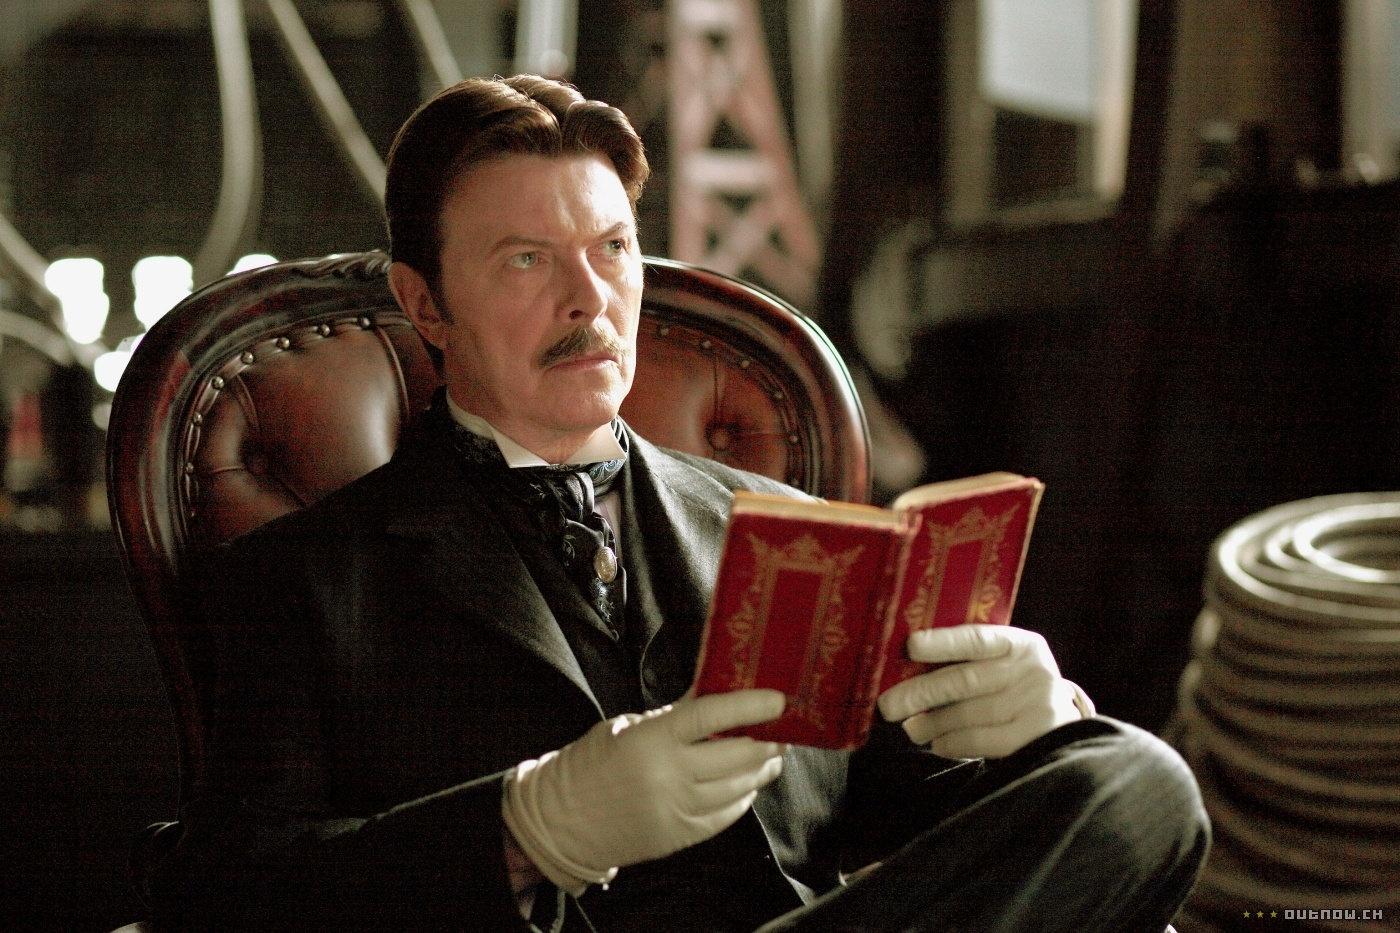 O Grande Truque (Dir.: Christopher Nolan, 2006) - O cantor deve ter ficado com trauma do cinema. Após seis anos longe de uma filmagem, Bowie foi convidado para fazer o papel do único personagem de verdade no filme de Nolan, o inventor croata Nikola Tesla. Seu papel é importante e bem interpretado